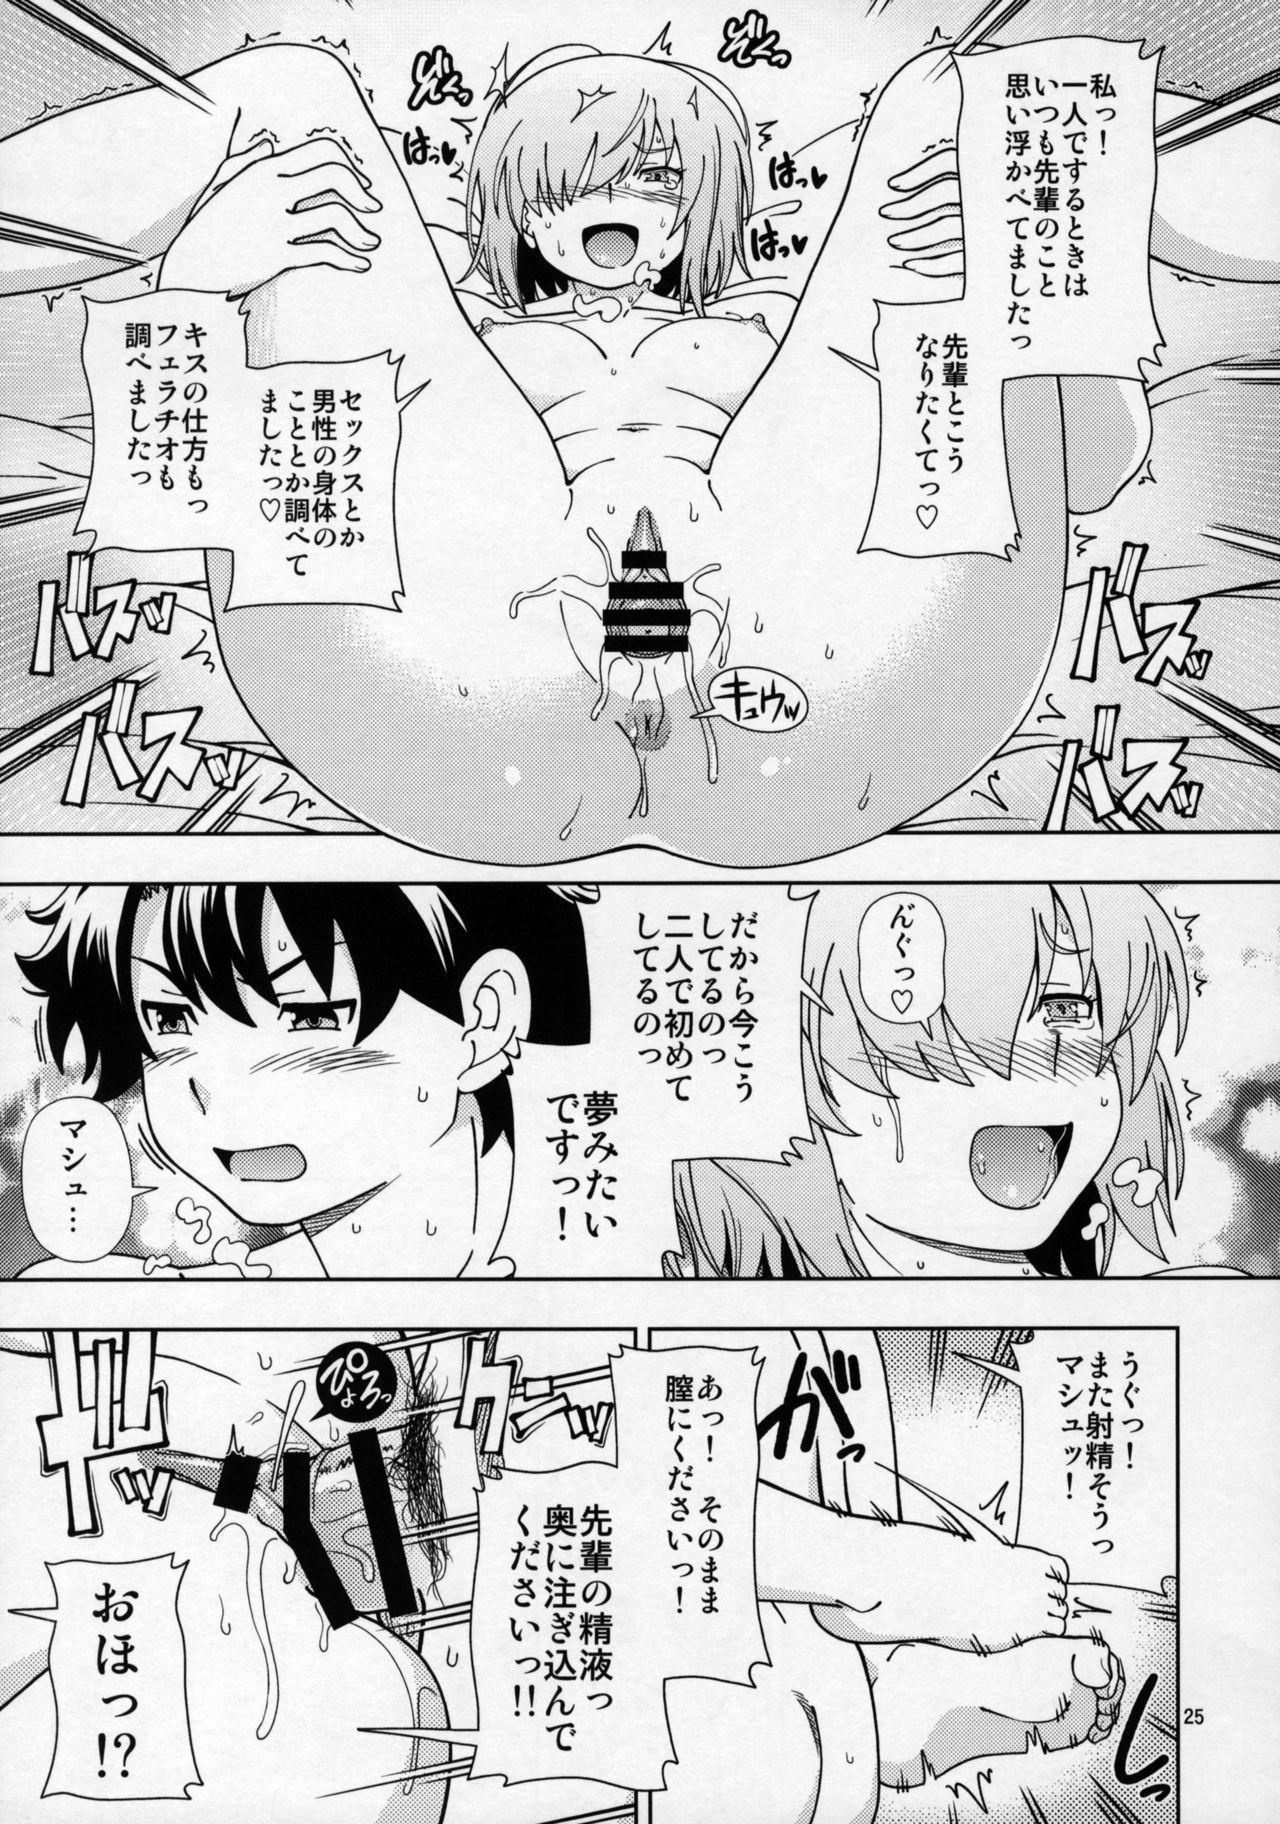 Shoujo Tokuiten 23